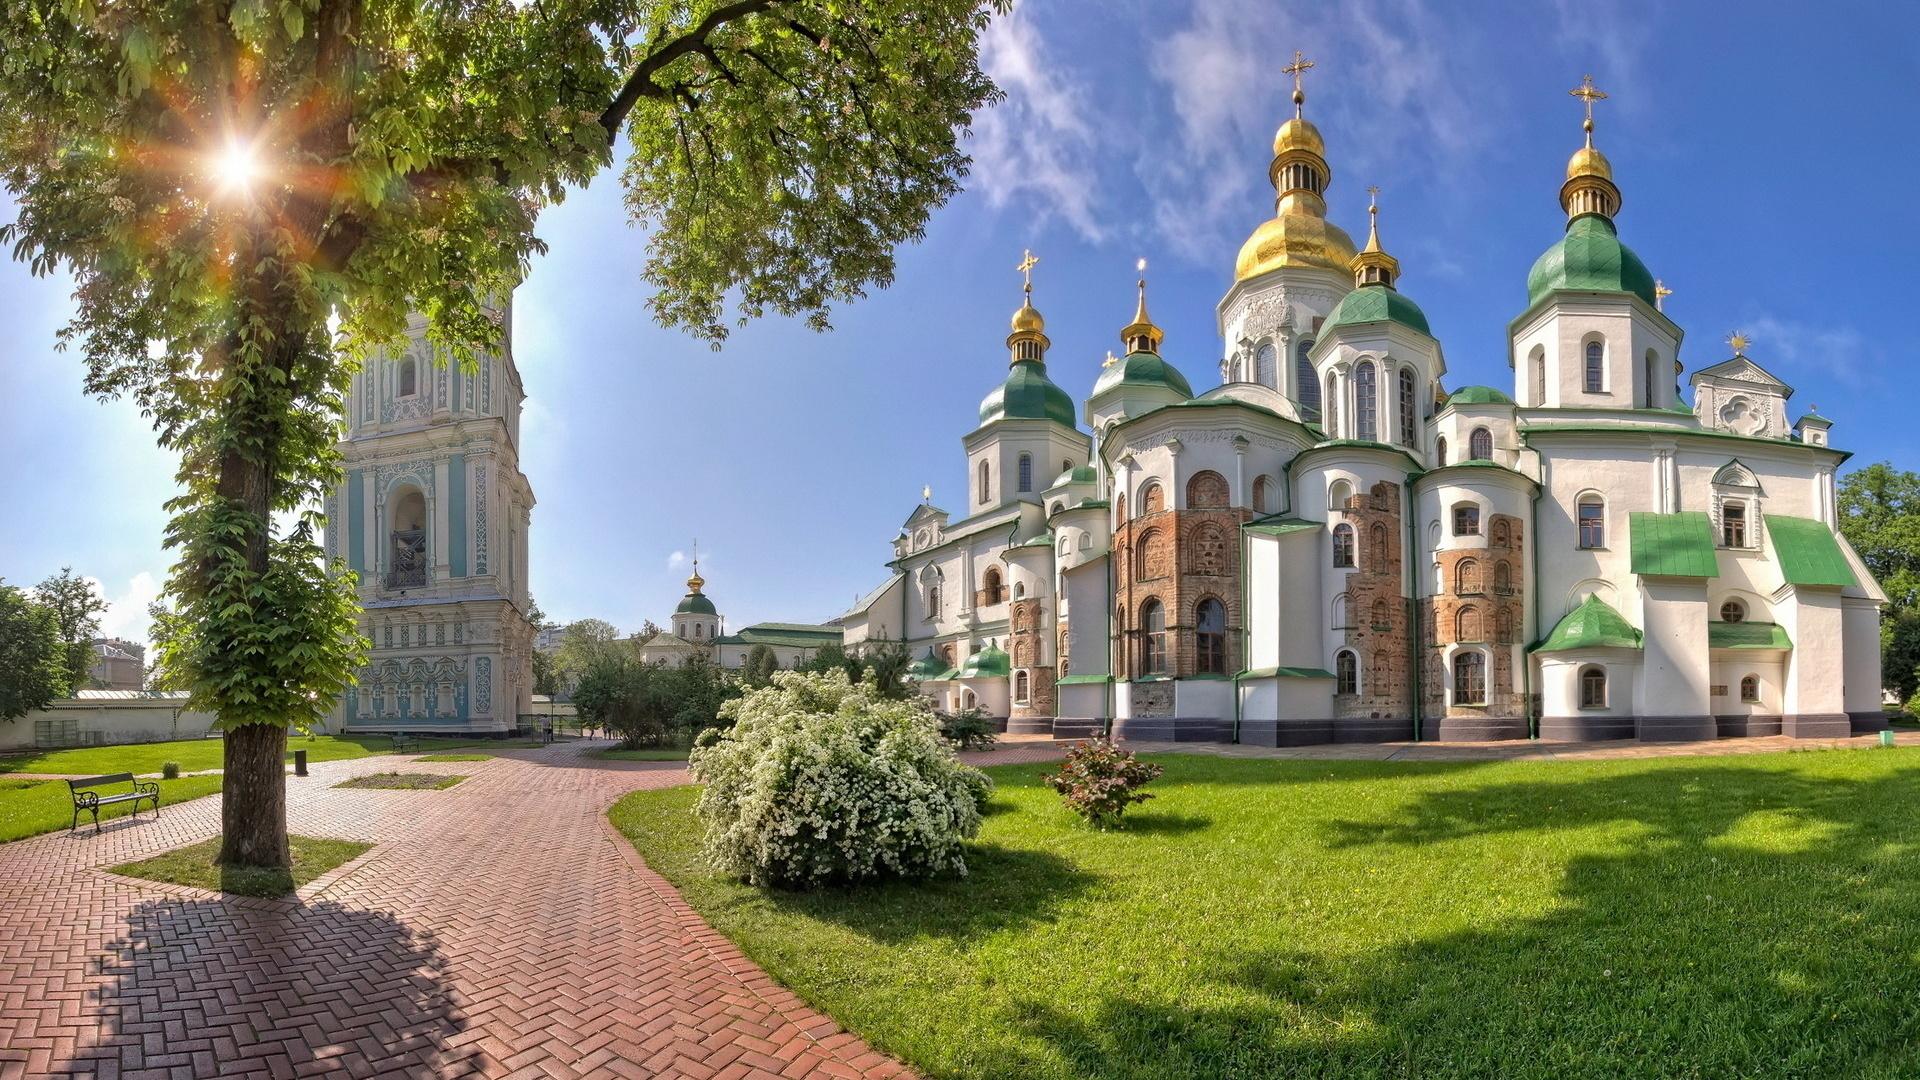 http://www.nastol.com.ua/pic/201301/1920x1080/nastol.com.ua-39350.jpg